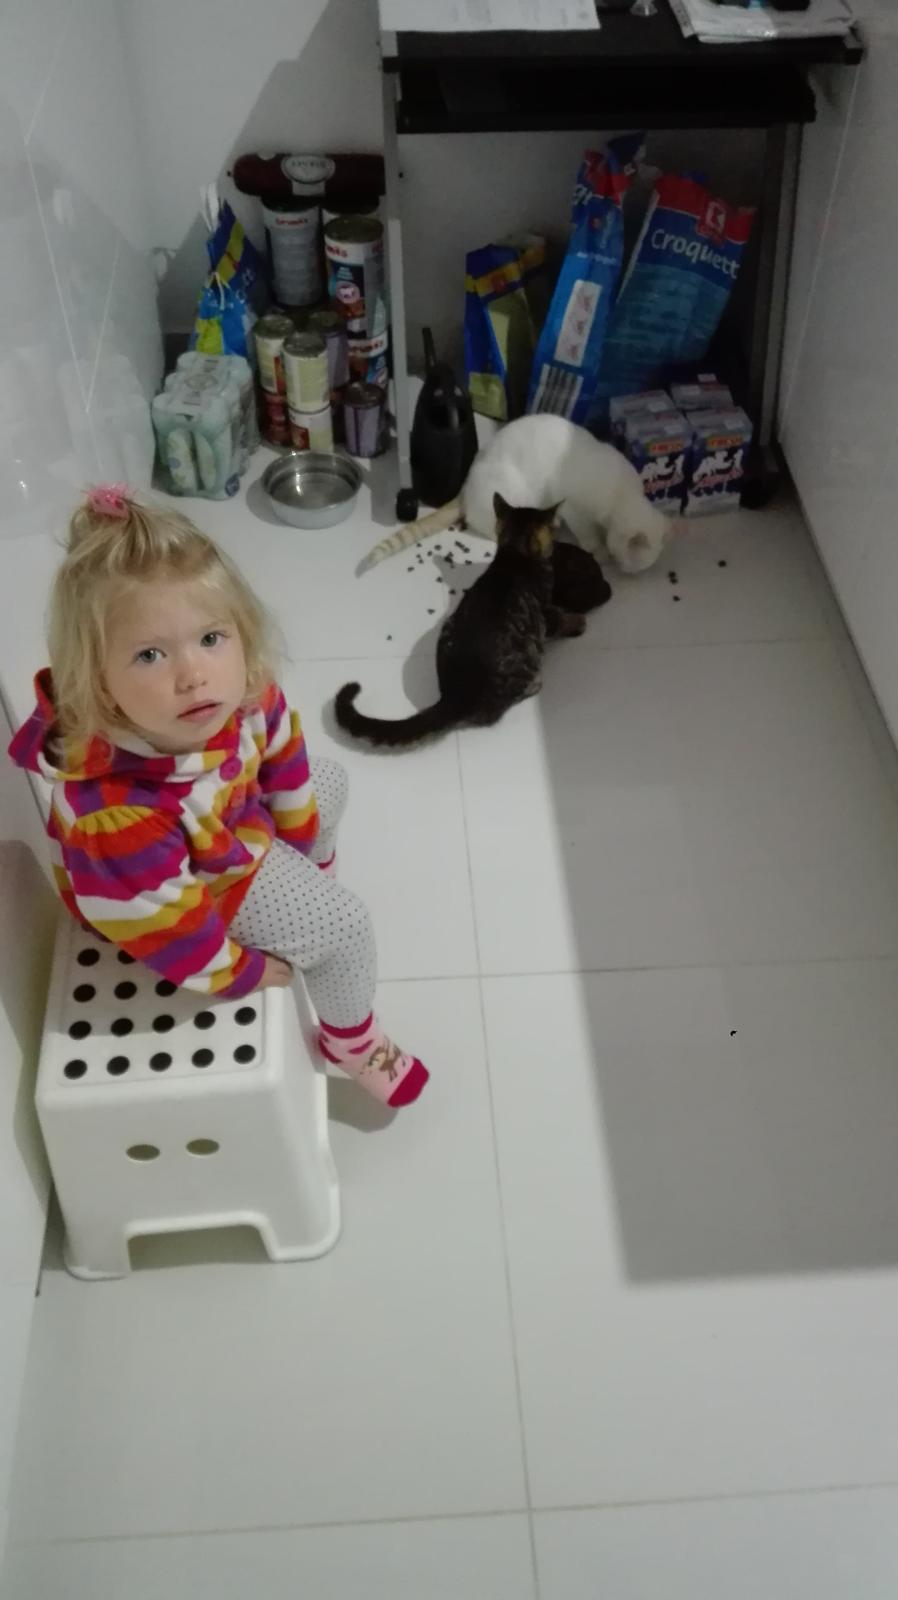 Nas zverinec - dve fenky,jeden pes a dvaja kocurikovia - krmime kocurikov - stale su hladni :-)